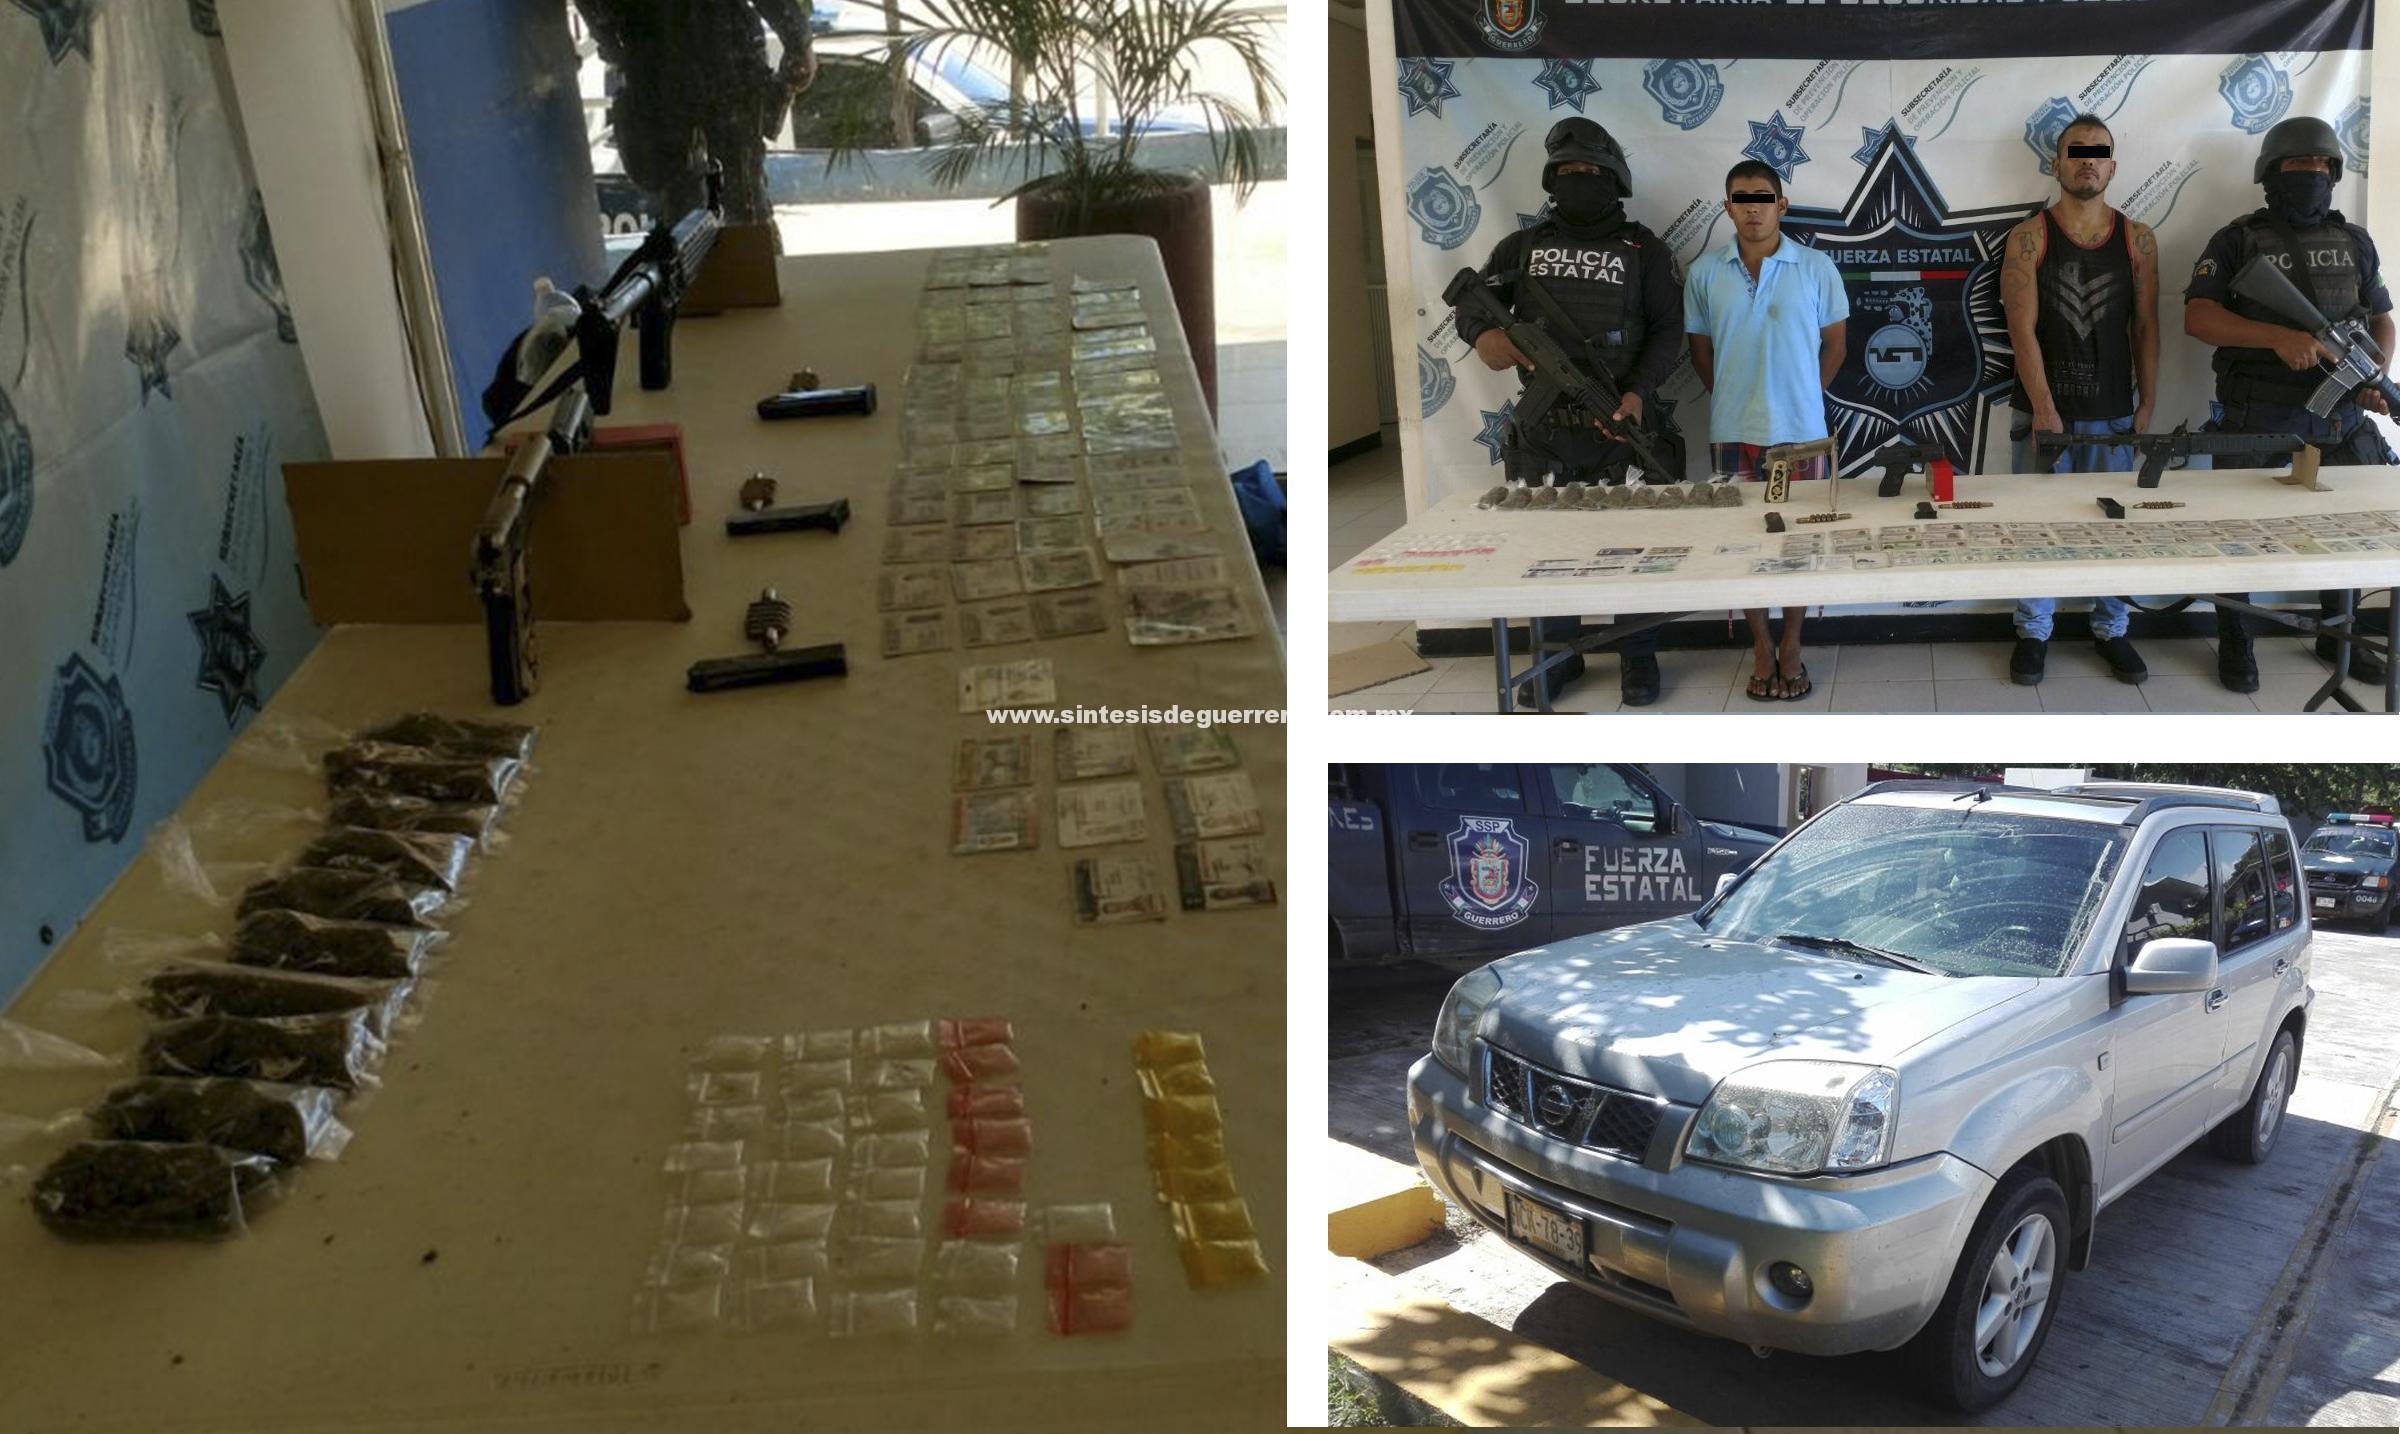 Policías Estatales aseguraron en Zihuatanejo a dos En posesión de armamento, droga y vehículo robado